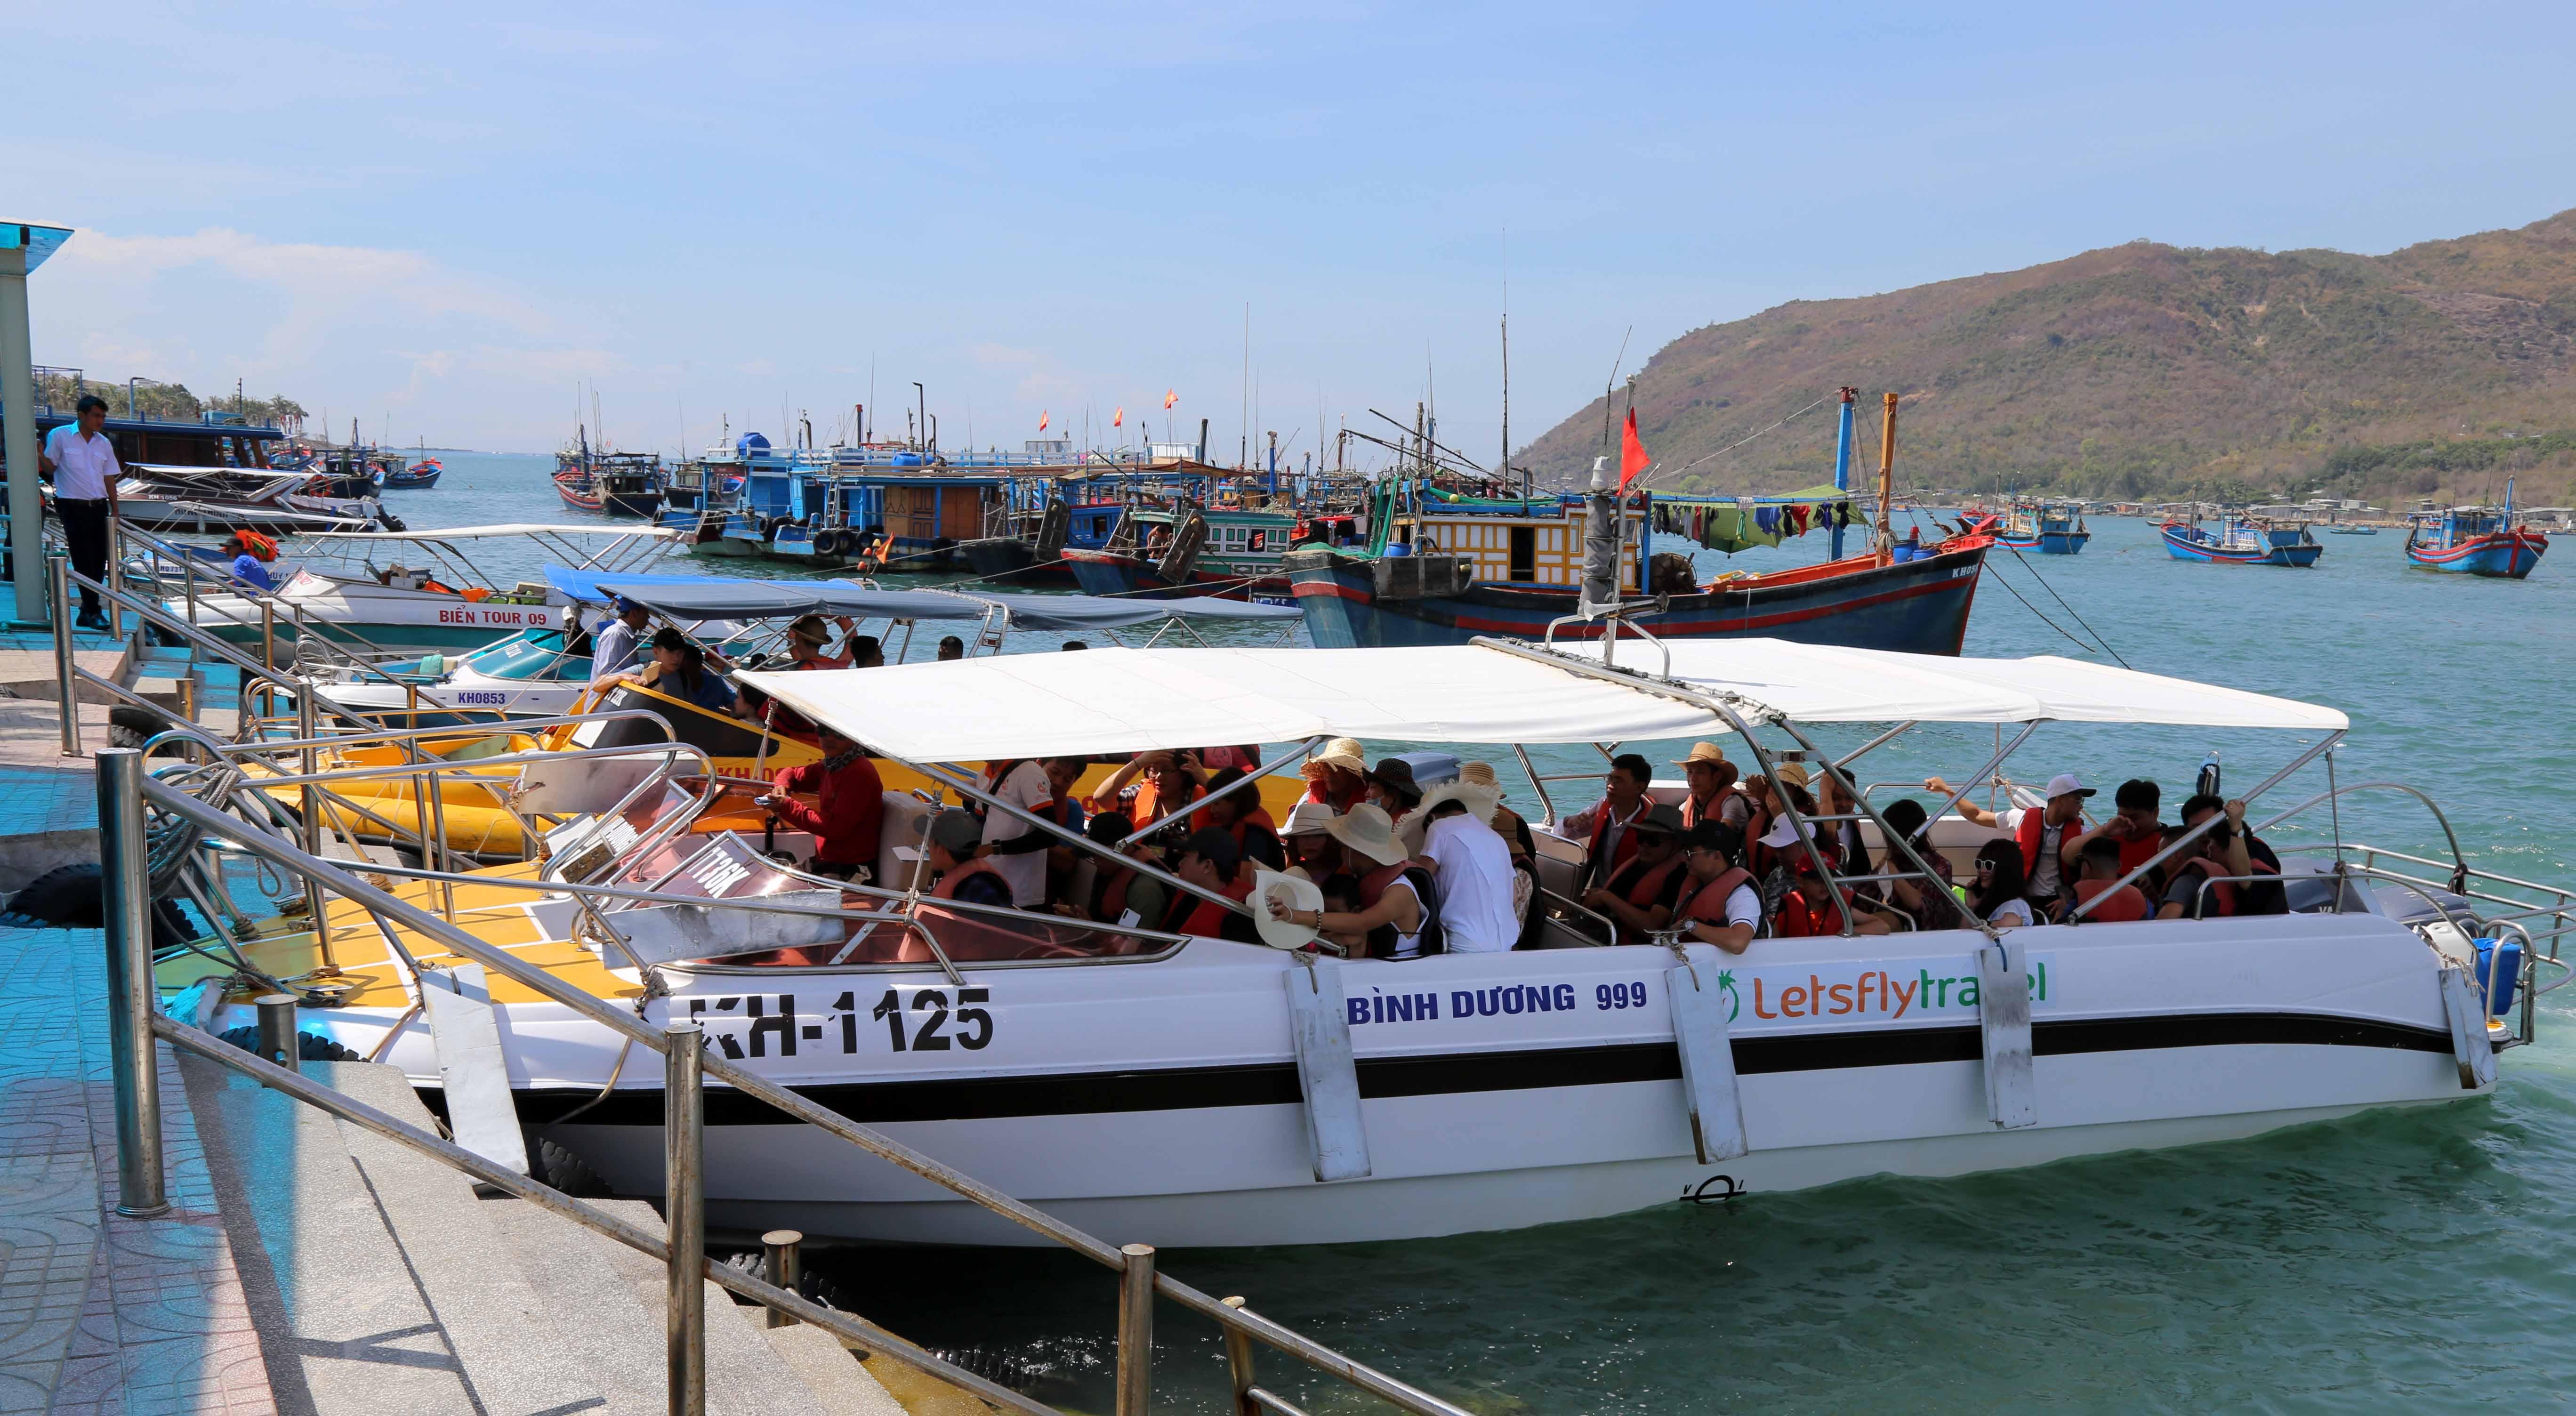 Du lịch Khánh Hòa: Doanh nghiệp 'nghẹt thở' vì dịch COVID-19 trở lại - Ảnh 2.